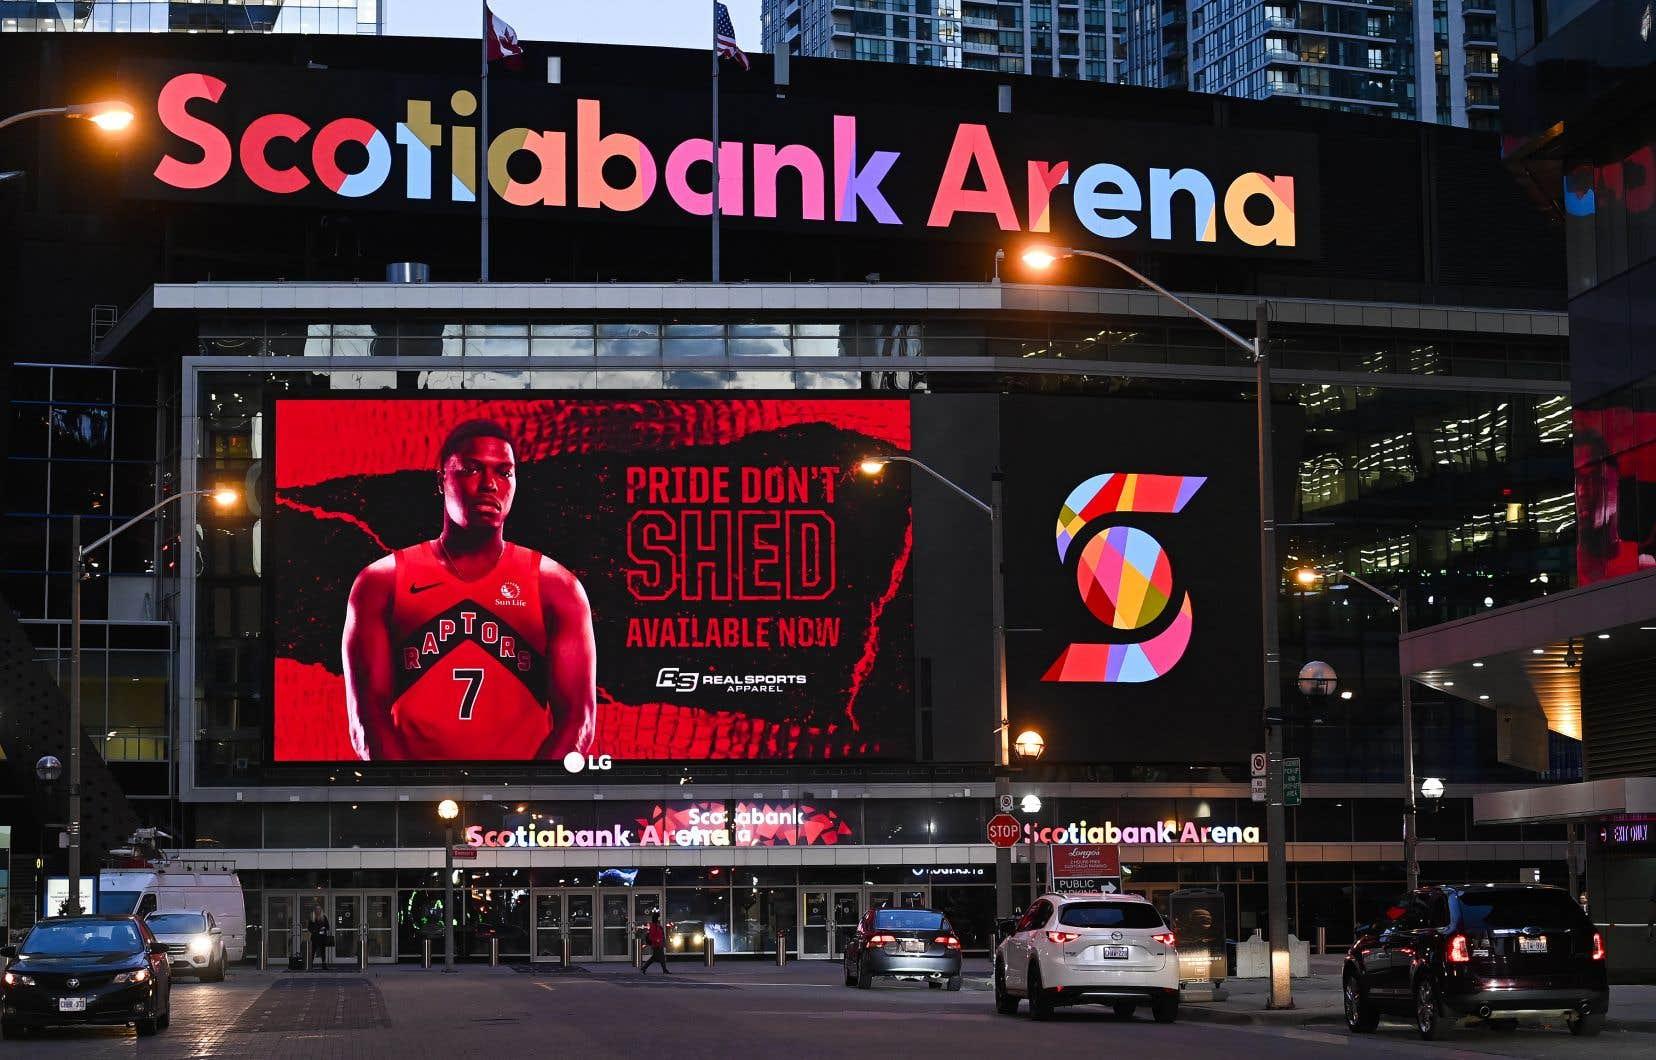 Les Raptors de Toronto n'ont pas obtenu la permission du gouvernement fédéral de jouer au Scotiabank Arena dans la foulée de la pandémie de COVID-19.